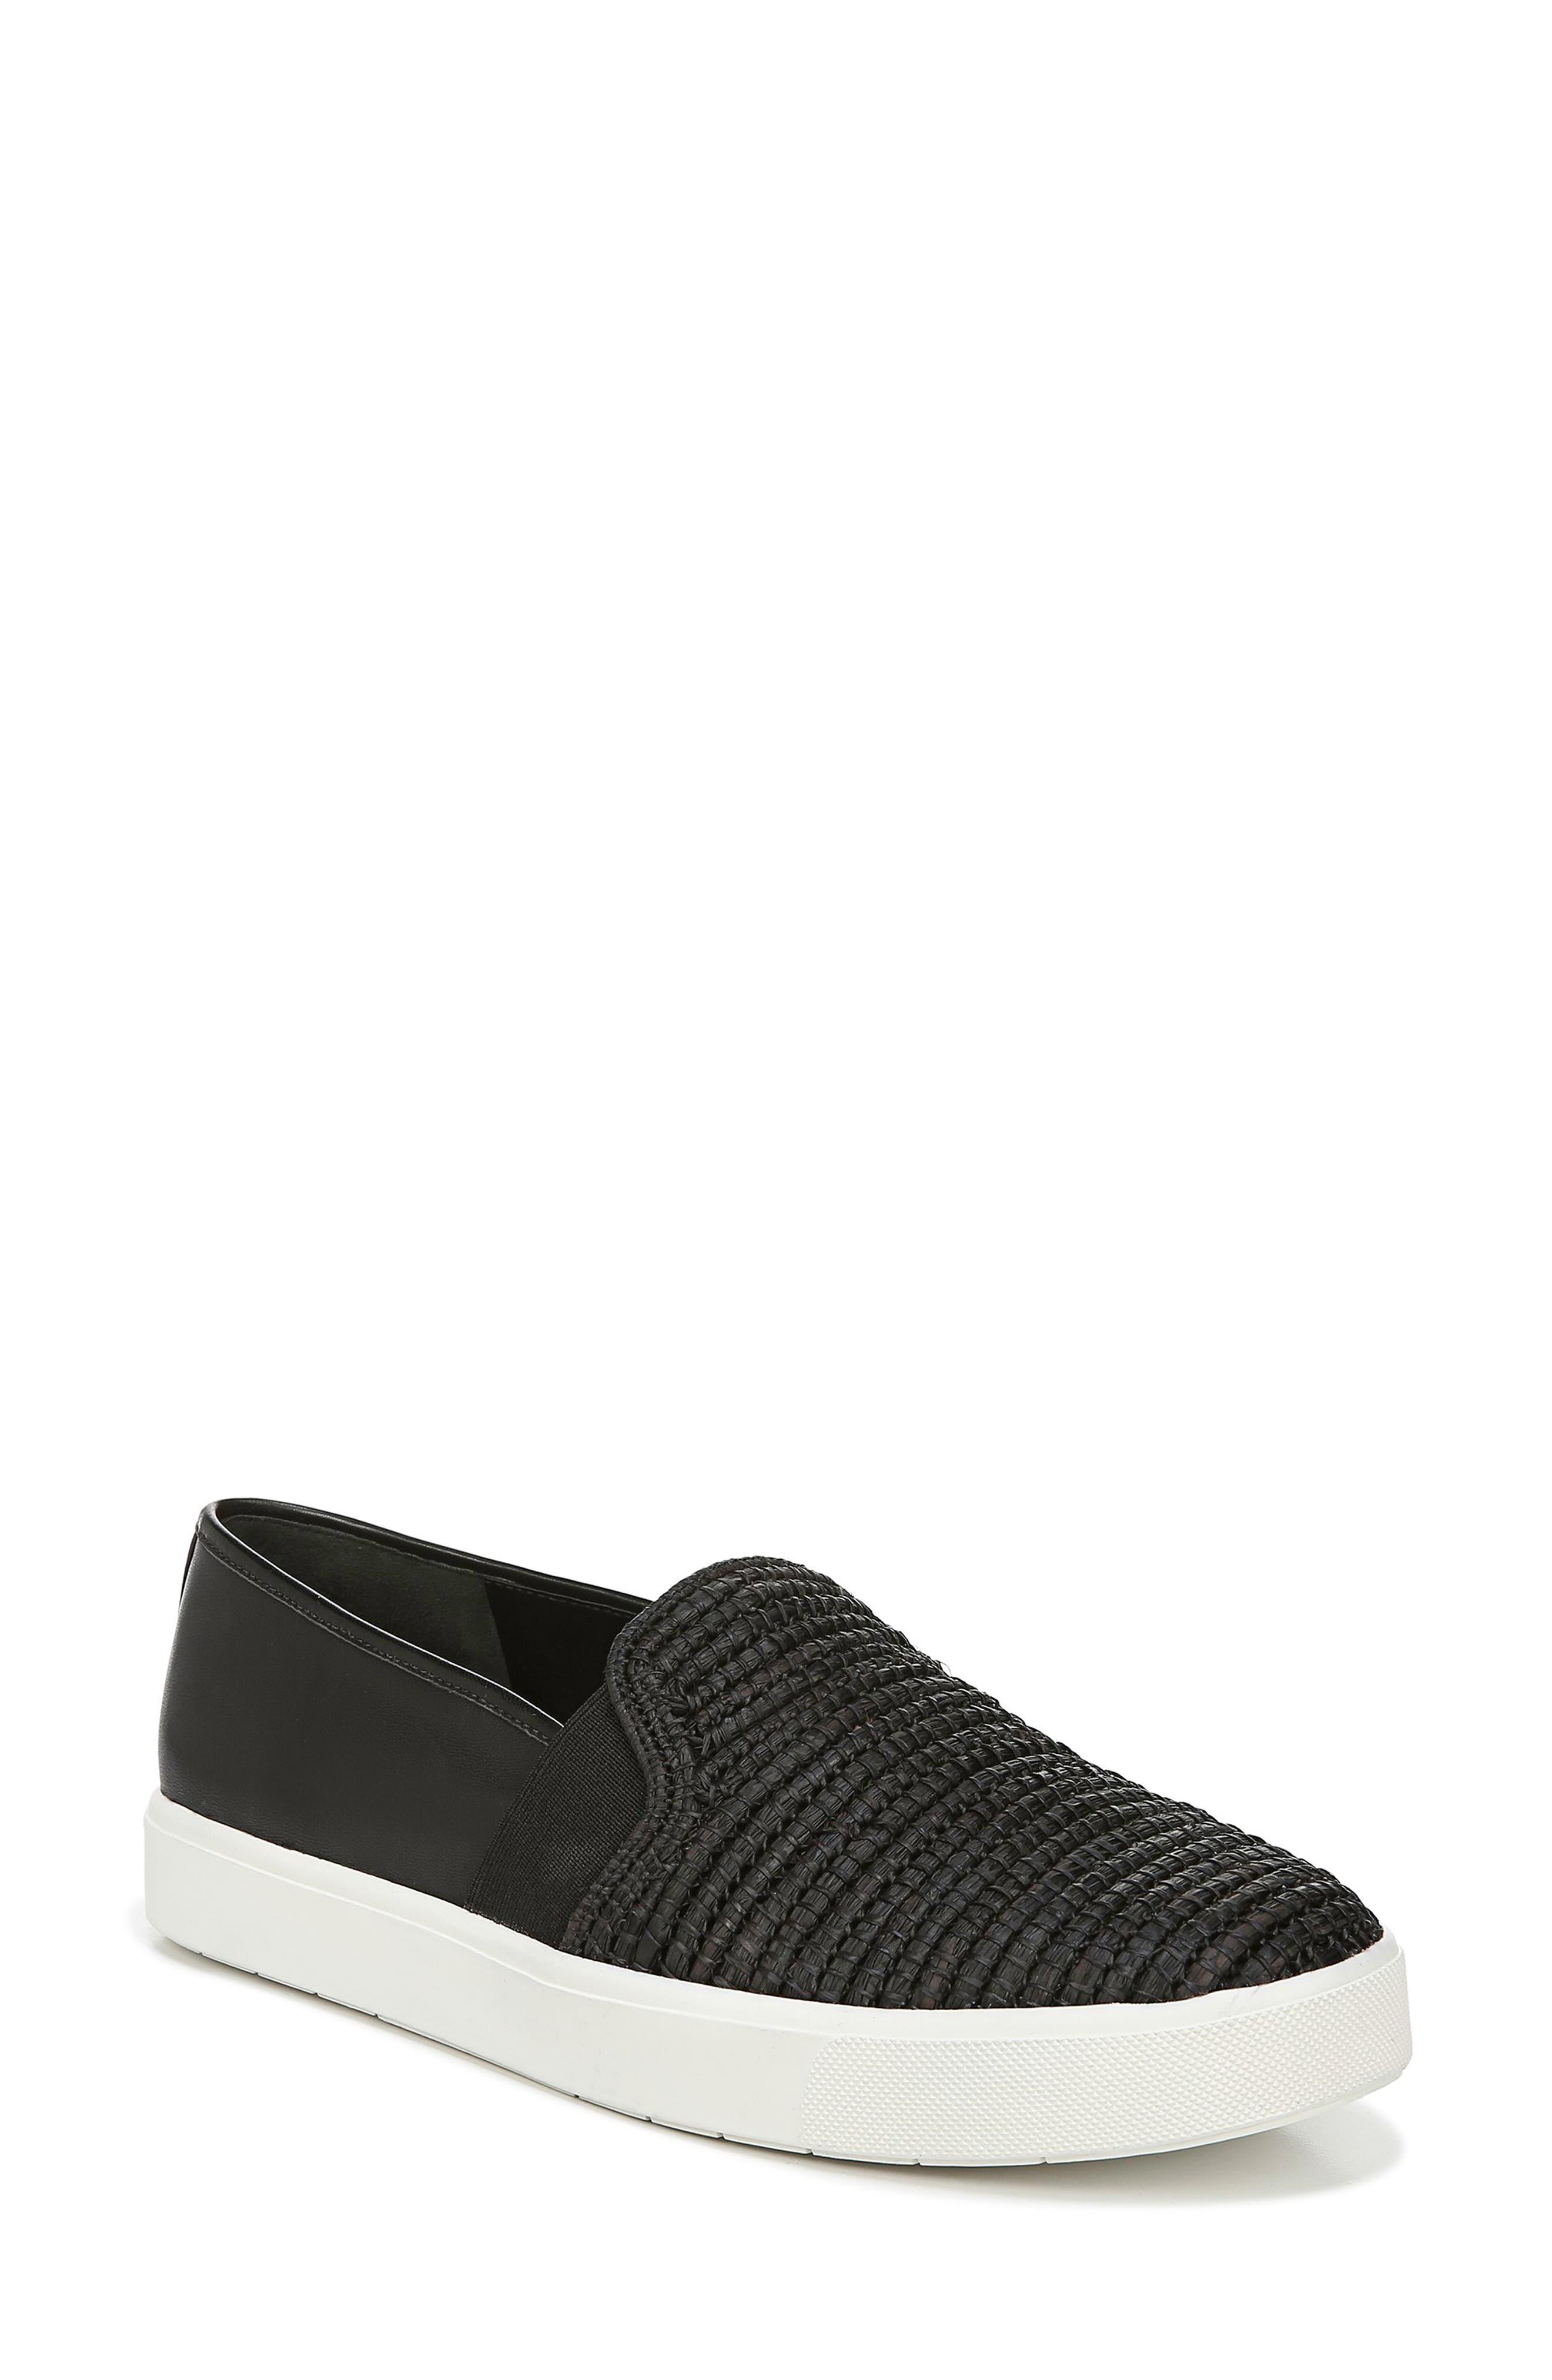 Vince Blair 5 Slip-On Sneaker- Black